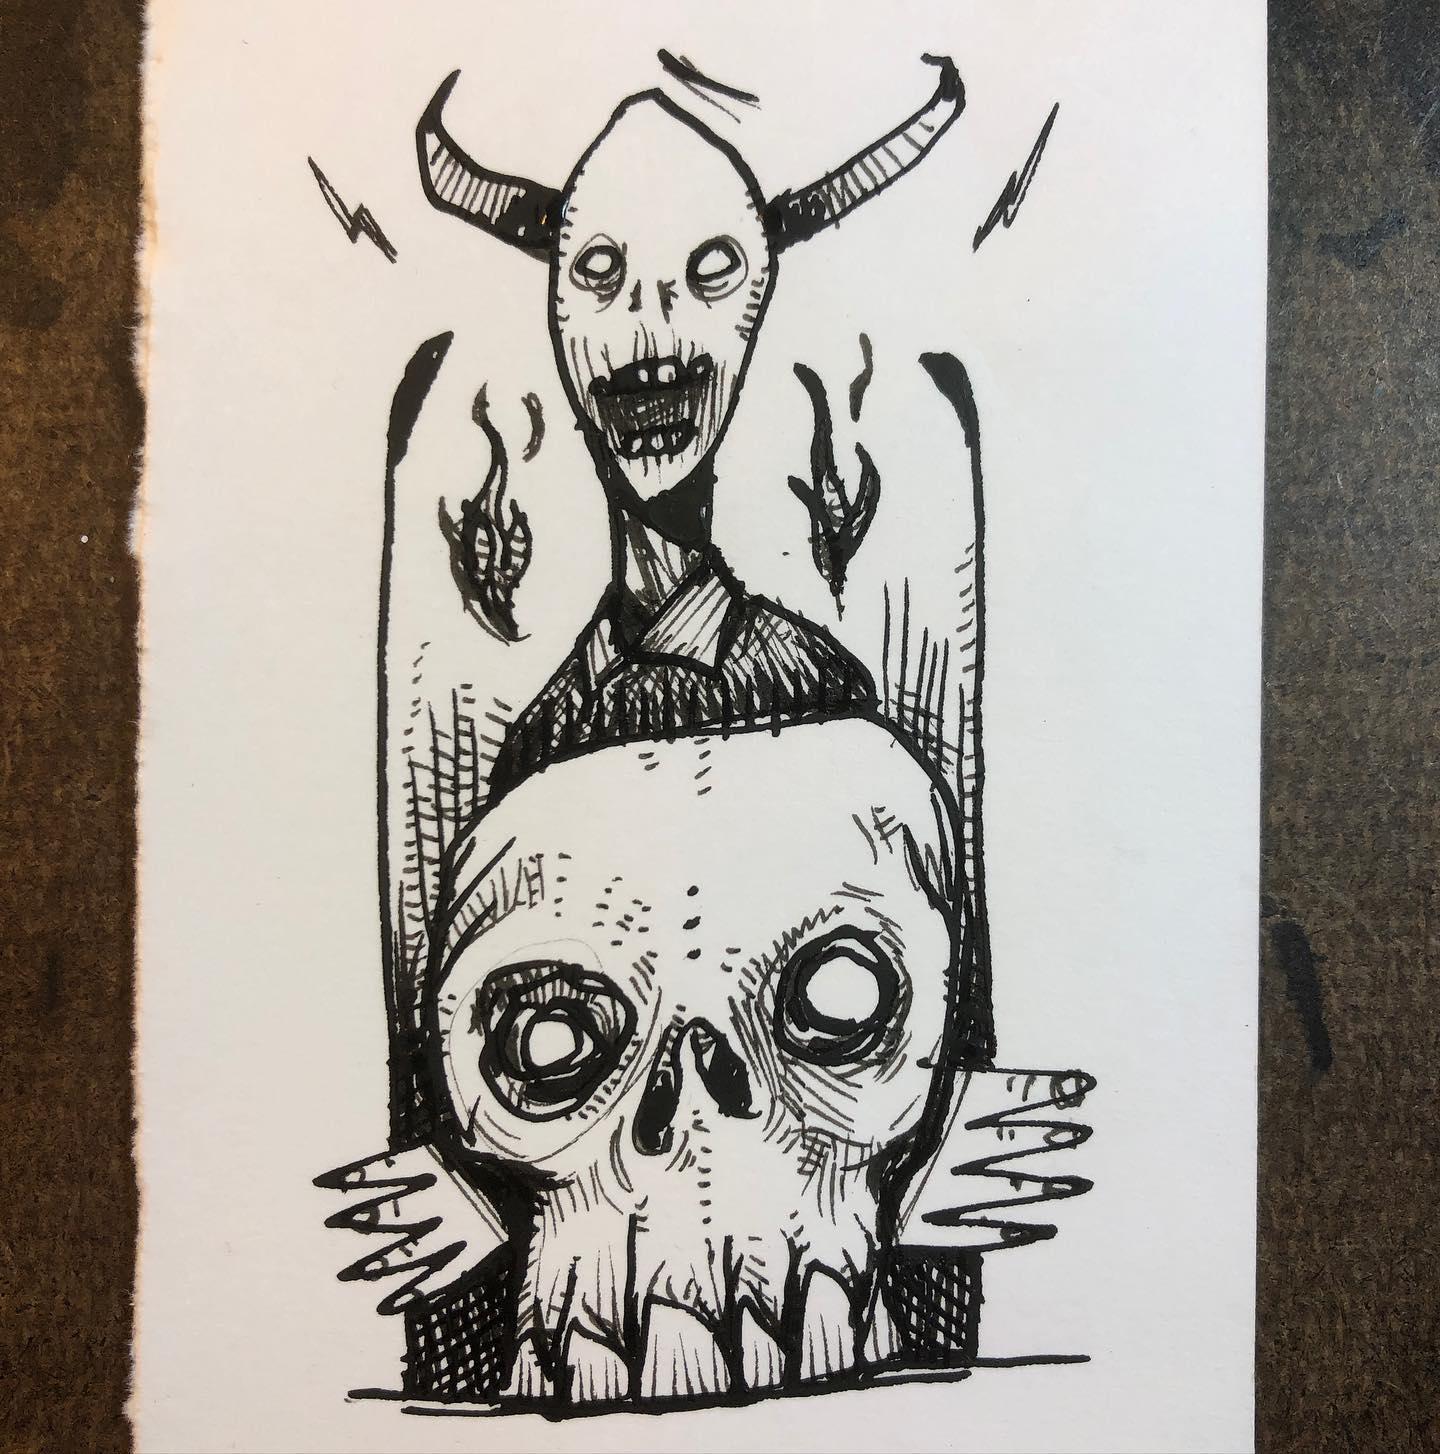 Ink Drawing - Teeth and Nails